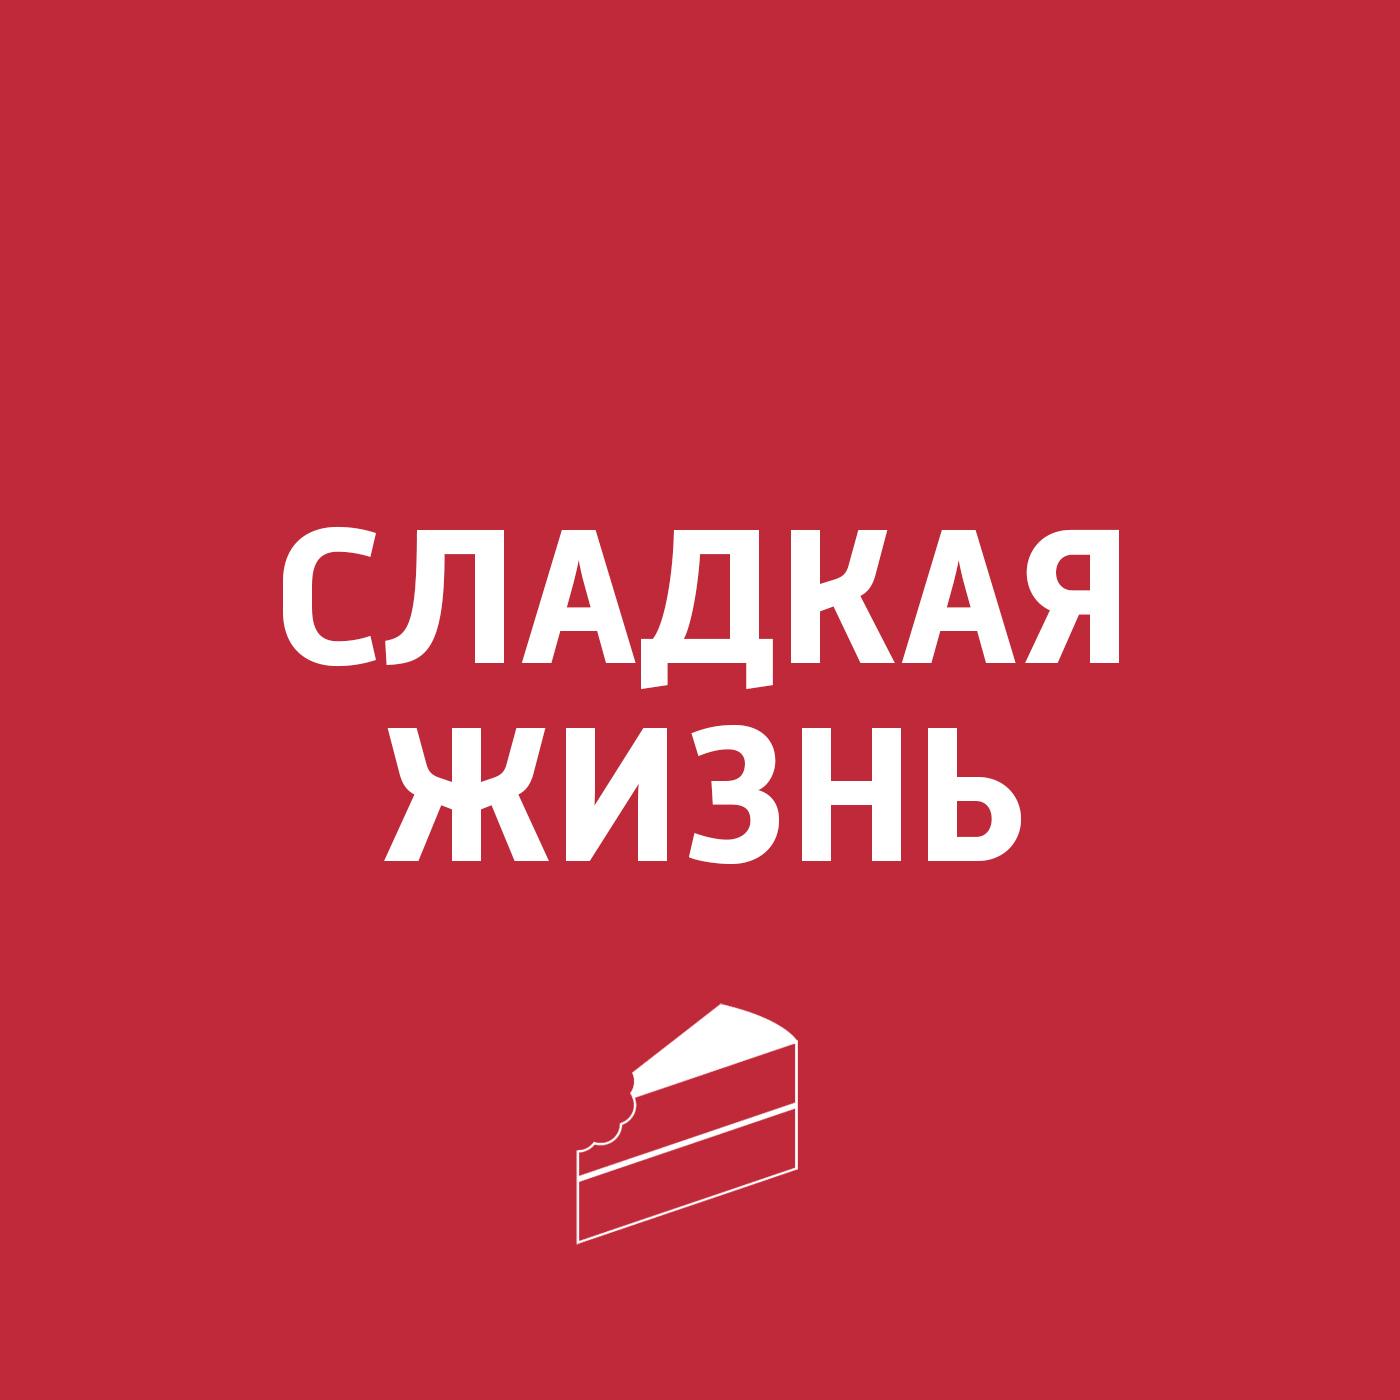 Картаев Павел История эклера картаев павел история пончиков